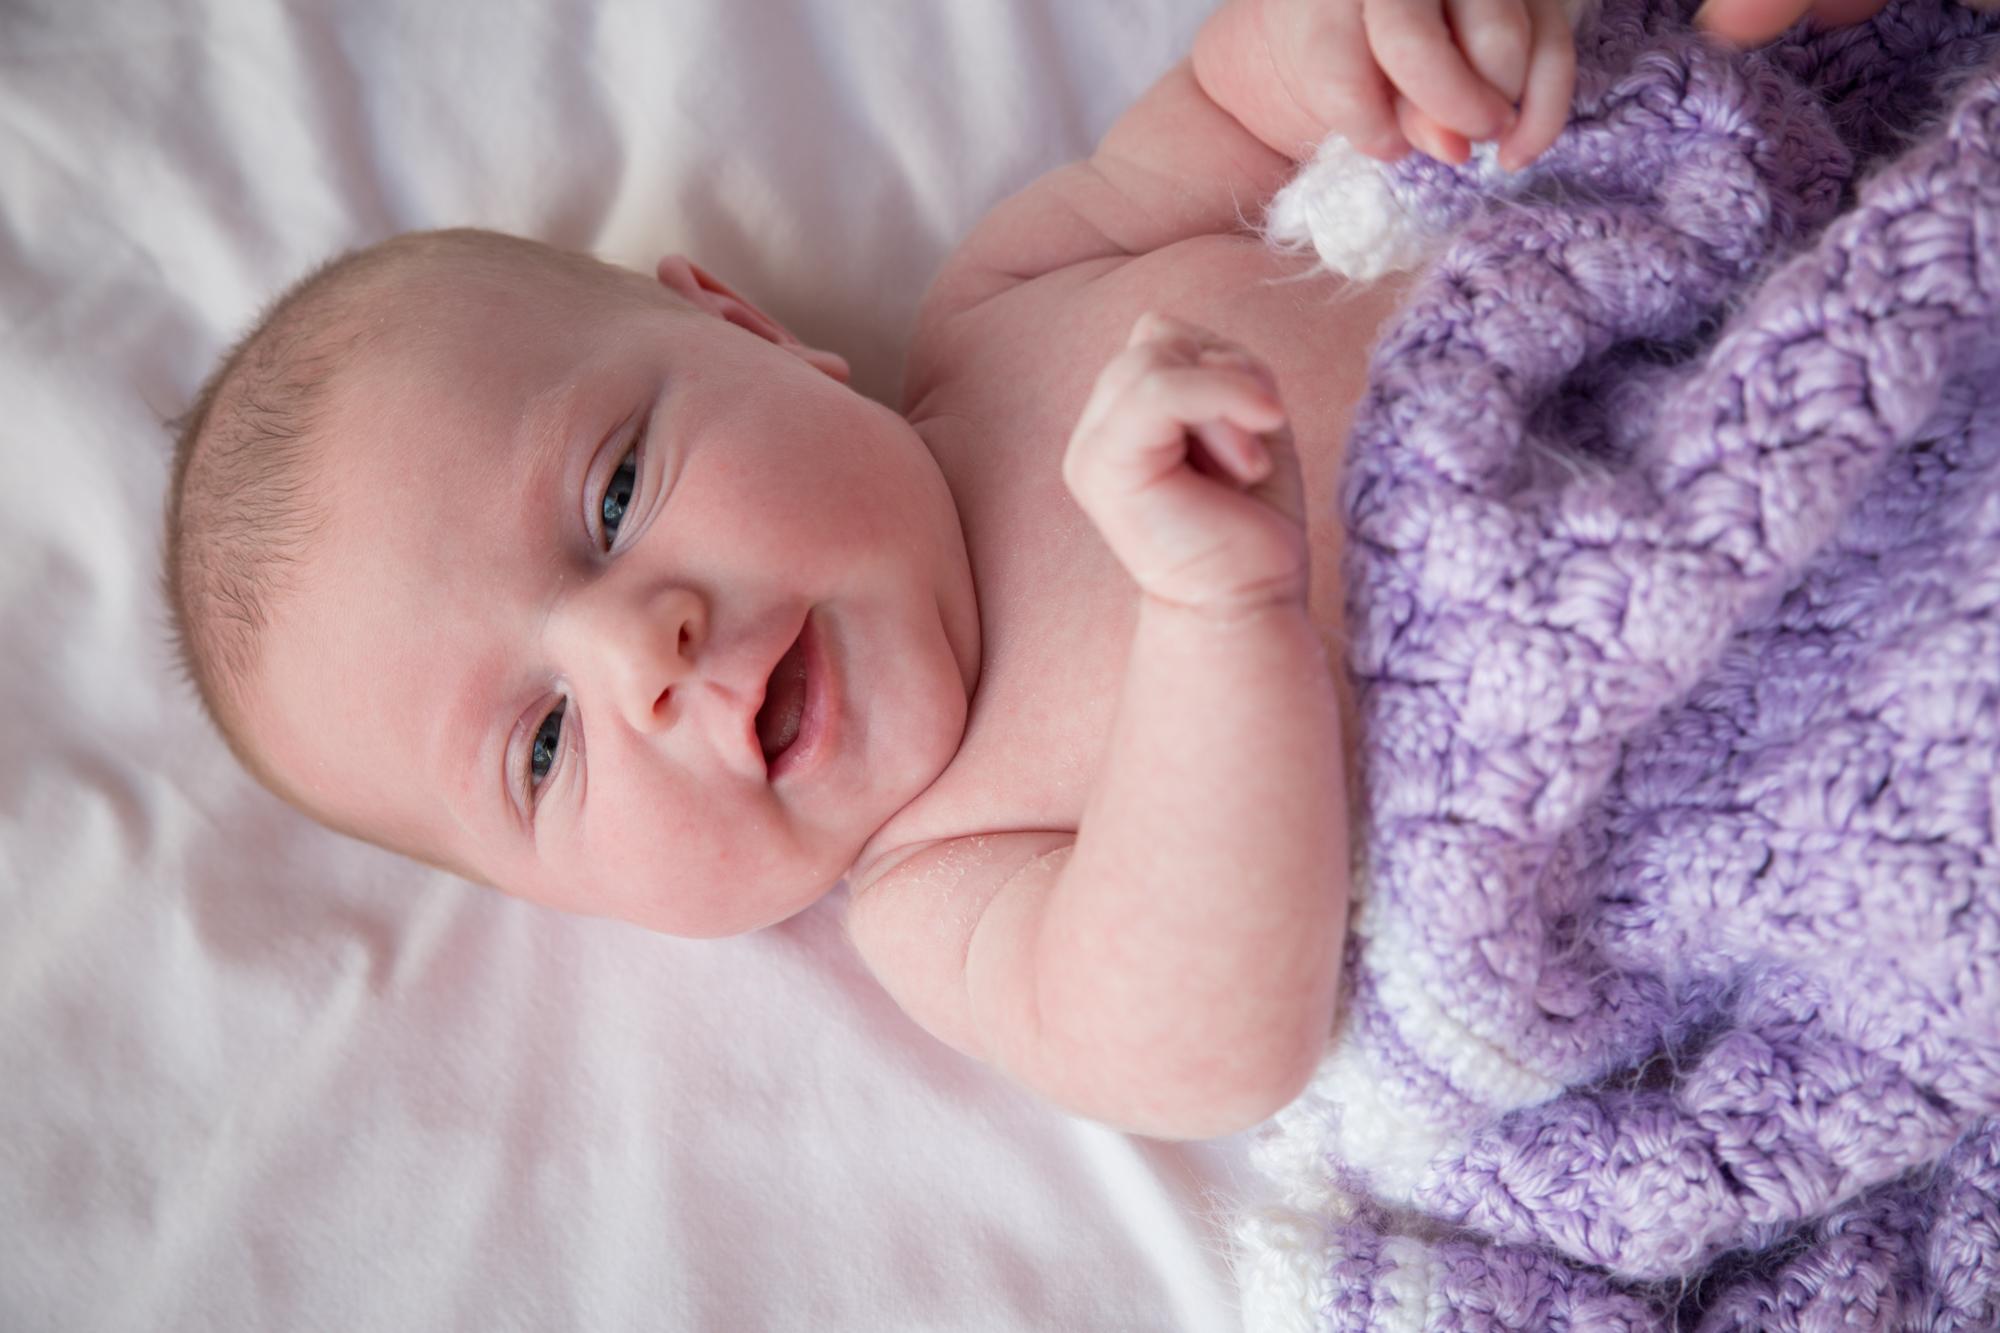 www.fivefivephotos.com.2014.Infant.Seckel.26